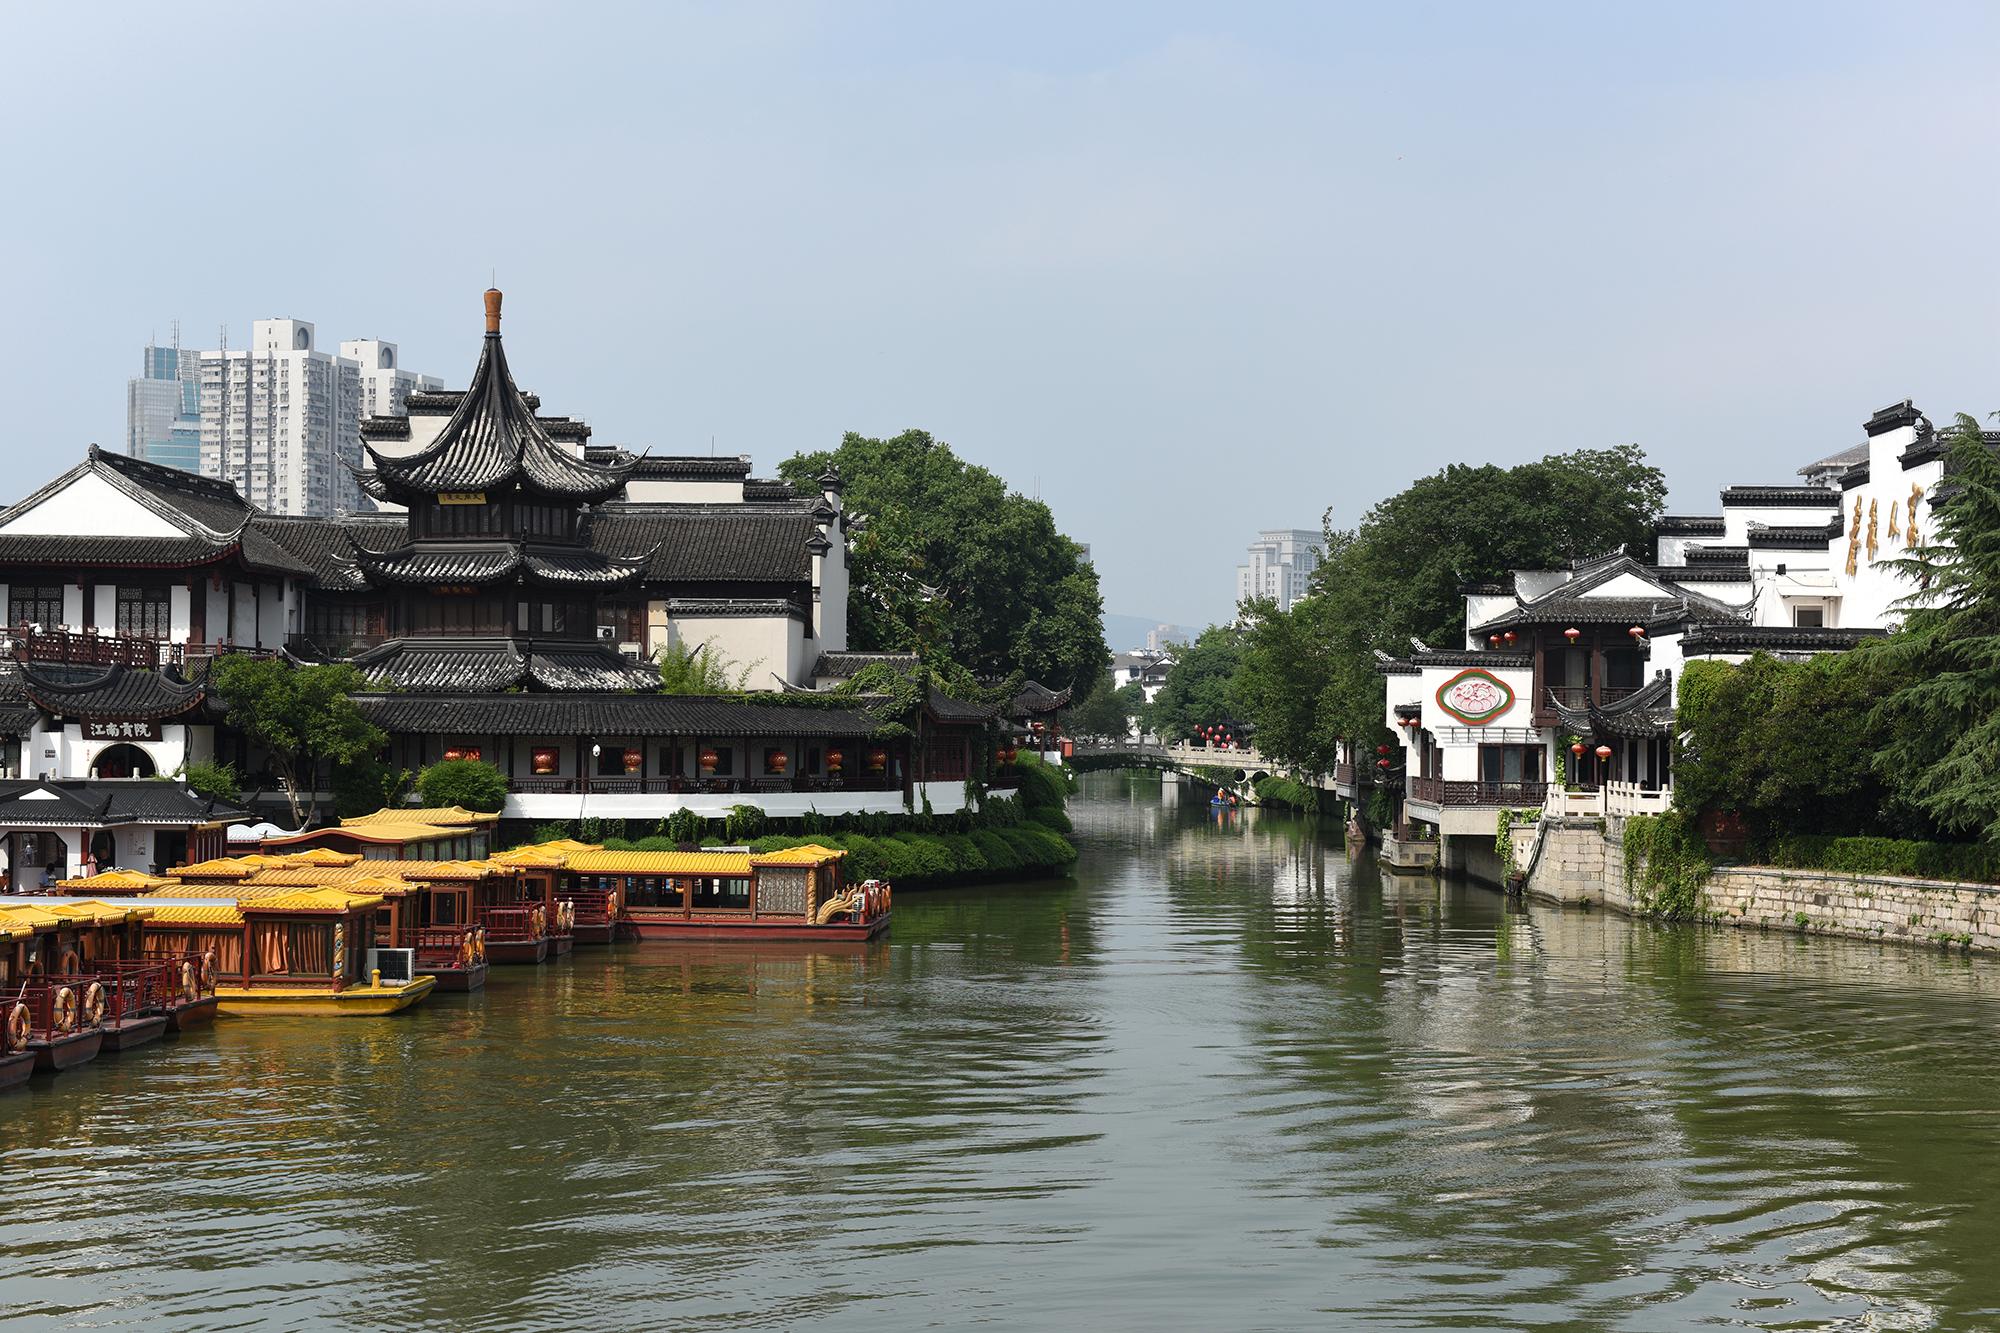 """江苏最""""良心""""的旅游城市,国家5A级景区全部免费,人气一直很高_南京"""